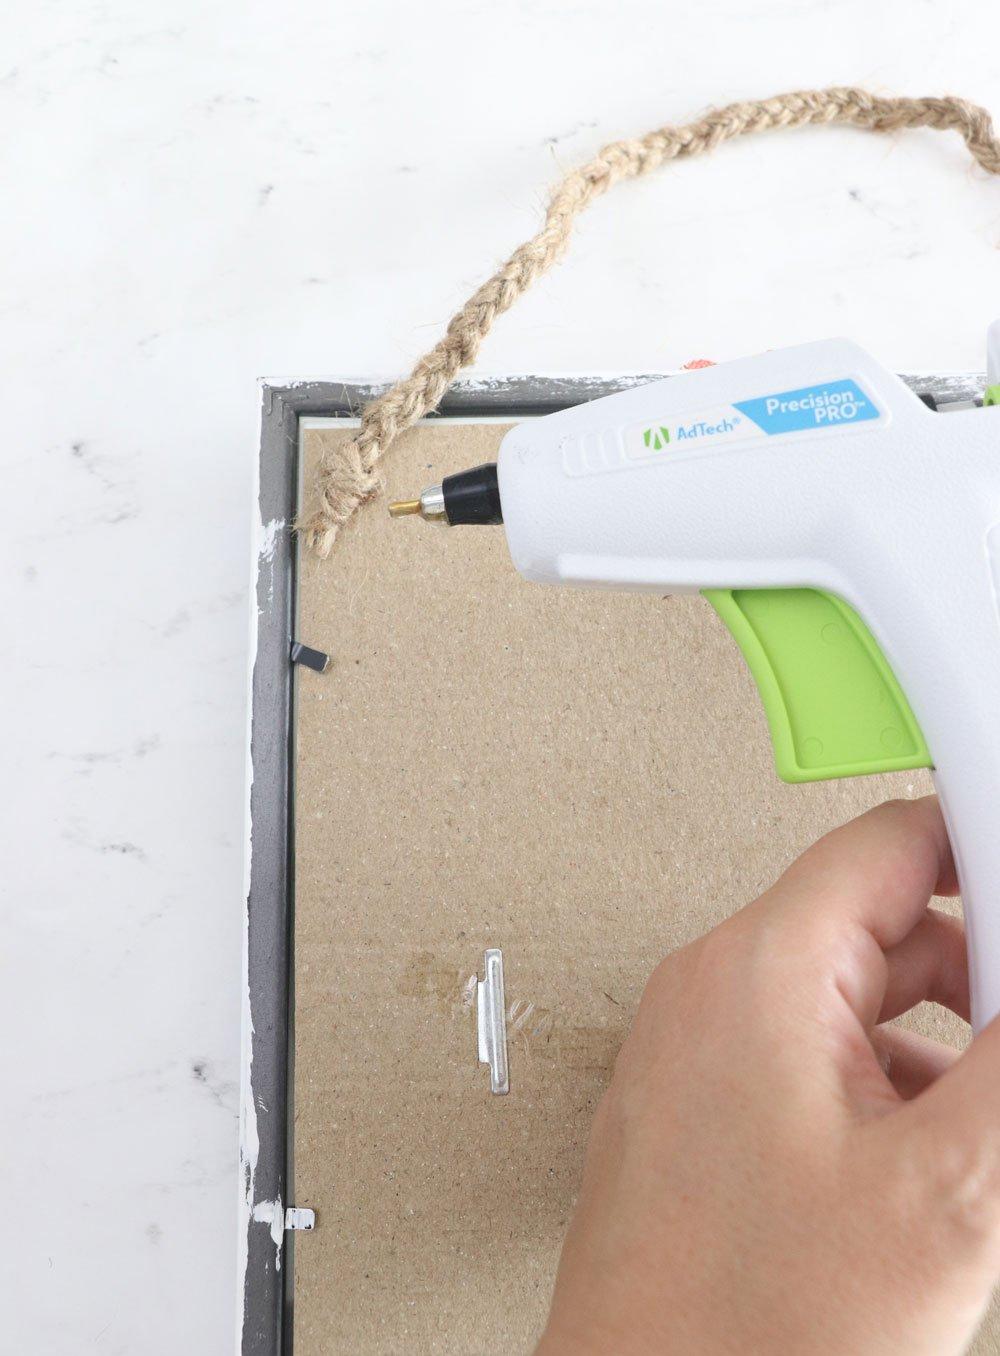 hot glue to attach braided hanger